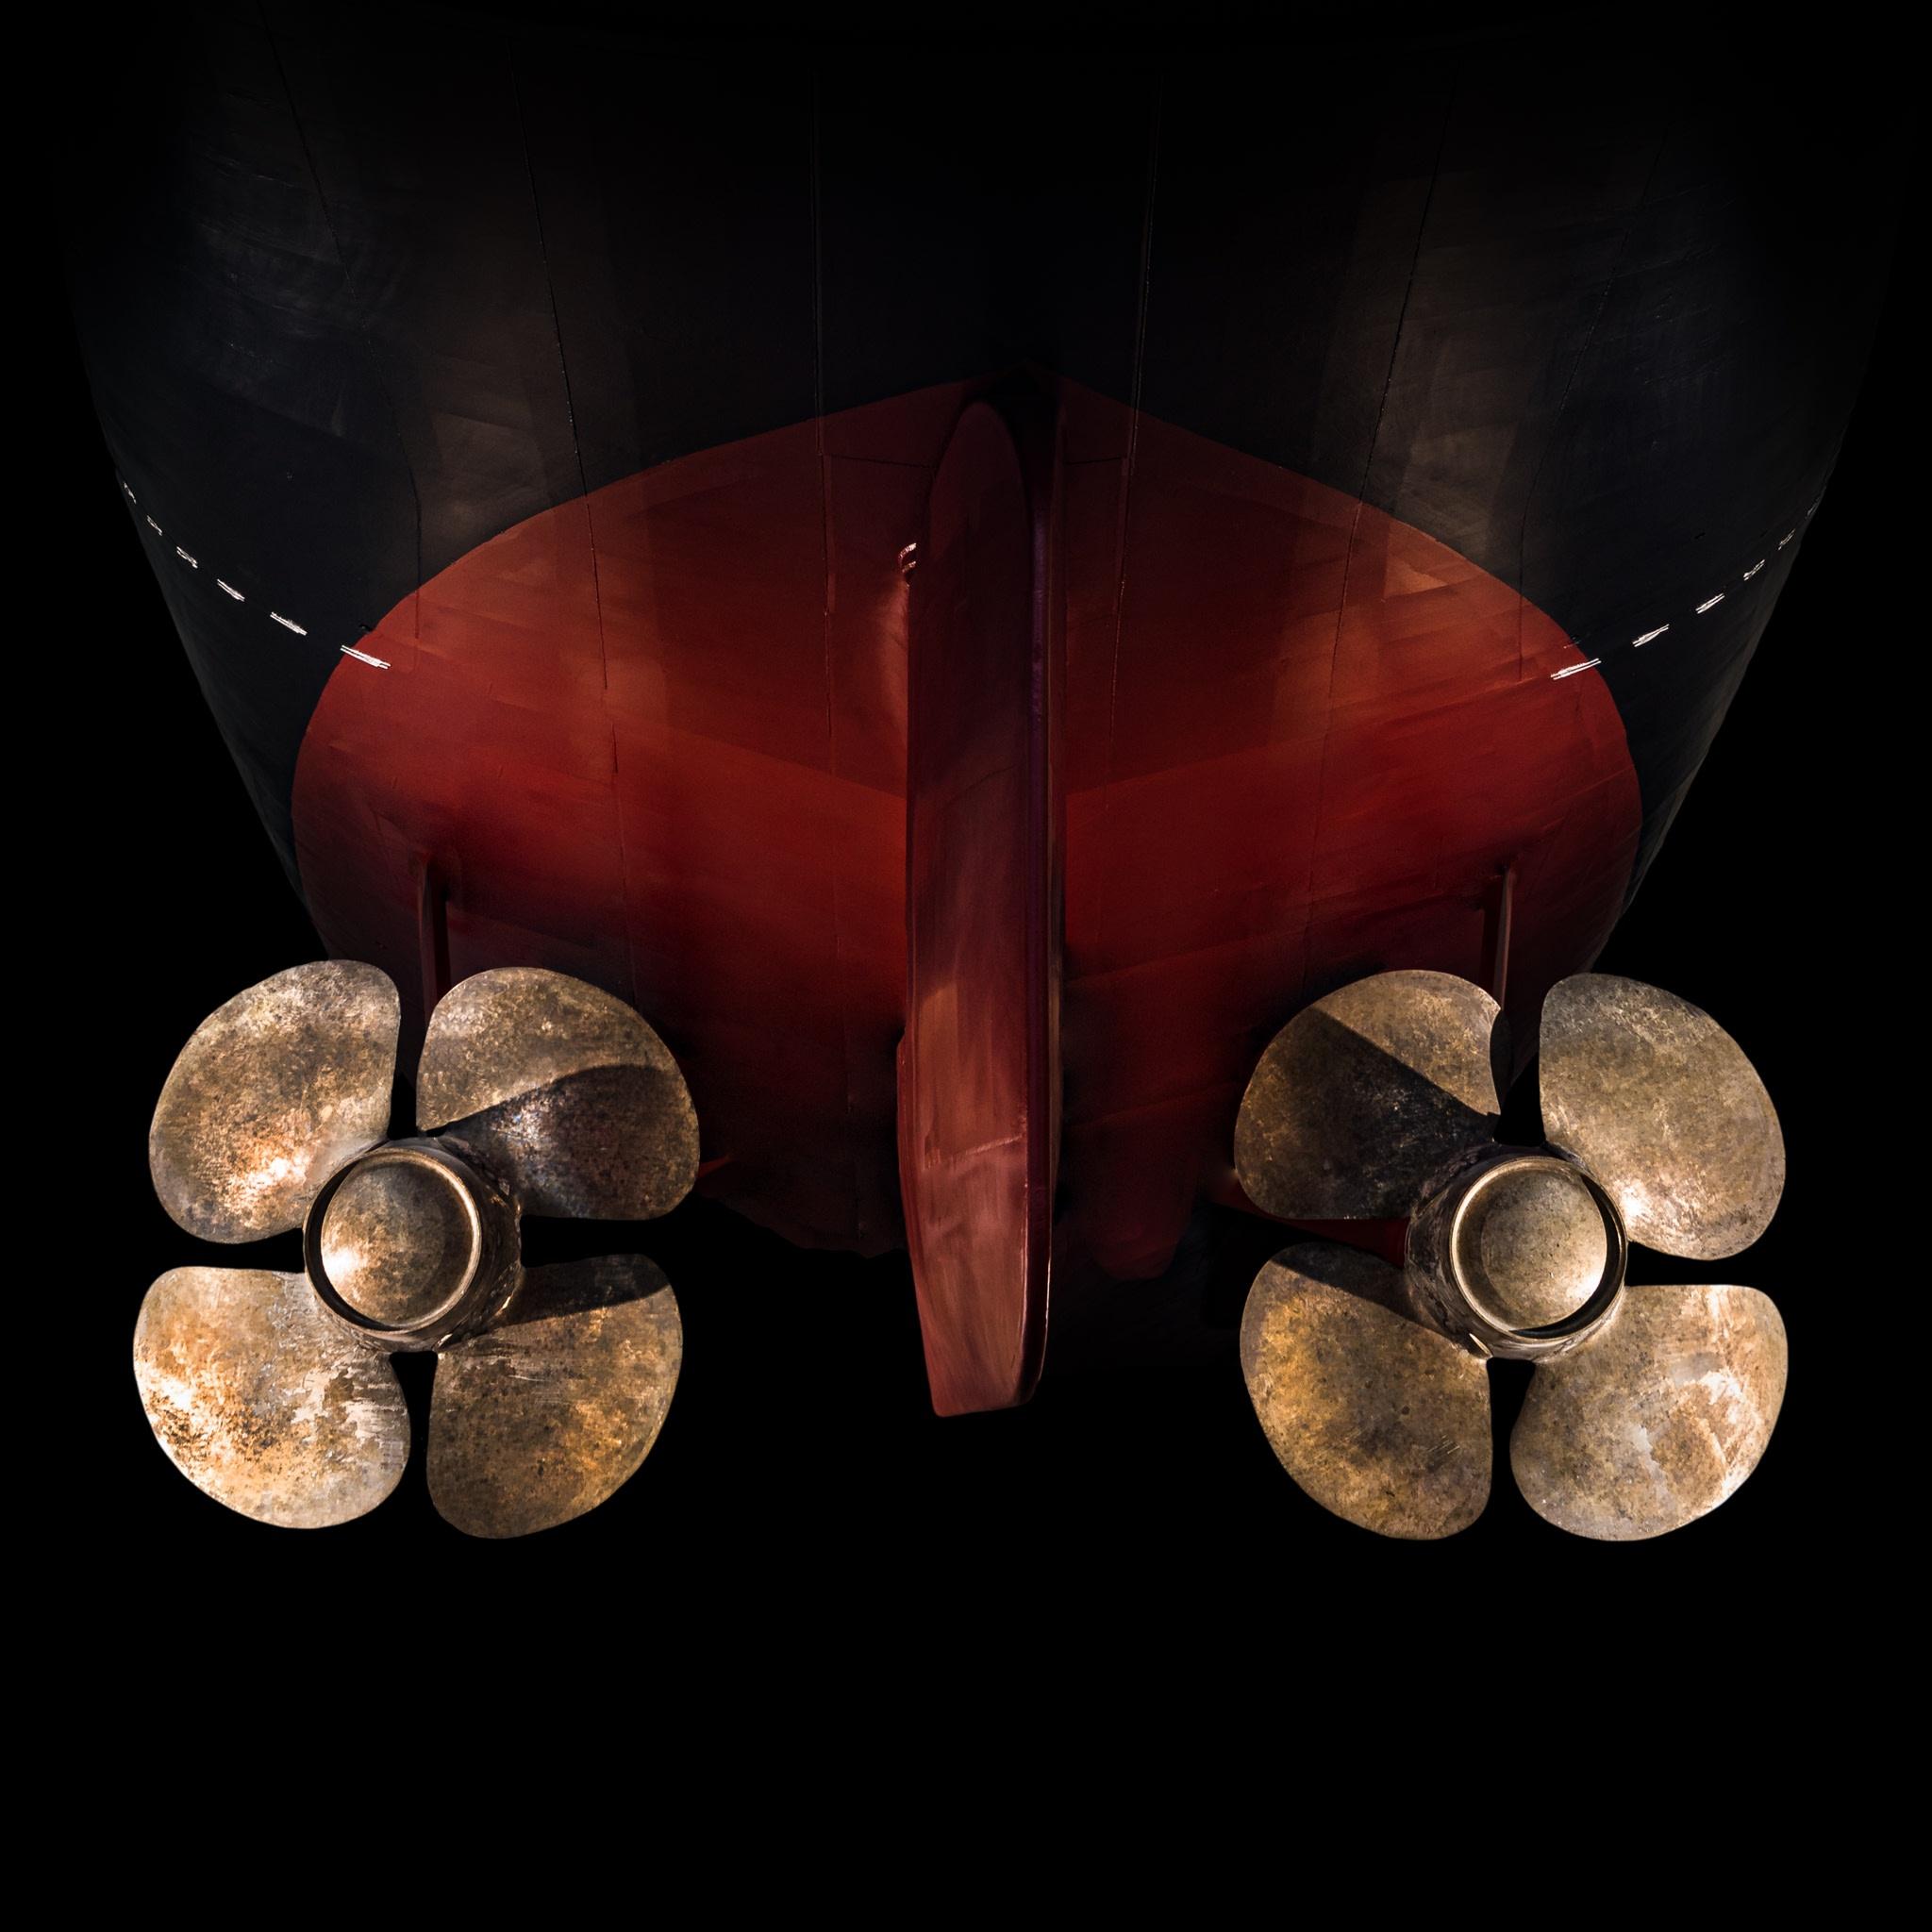 Photographie bateau Primauguet